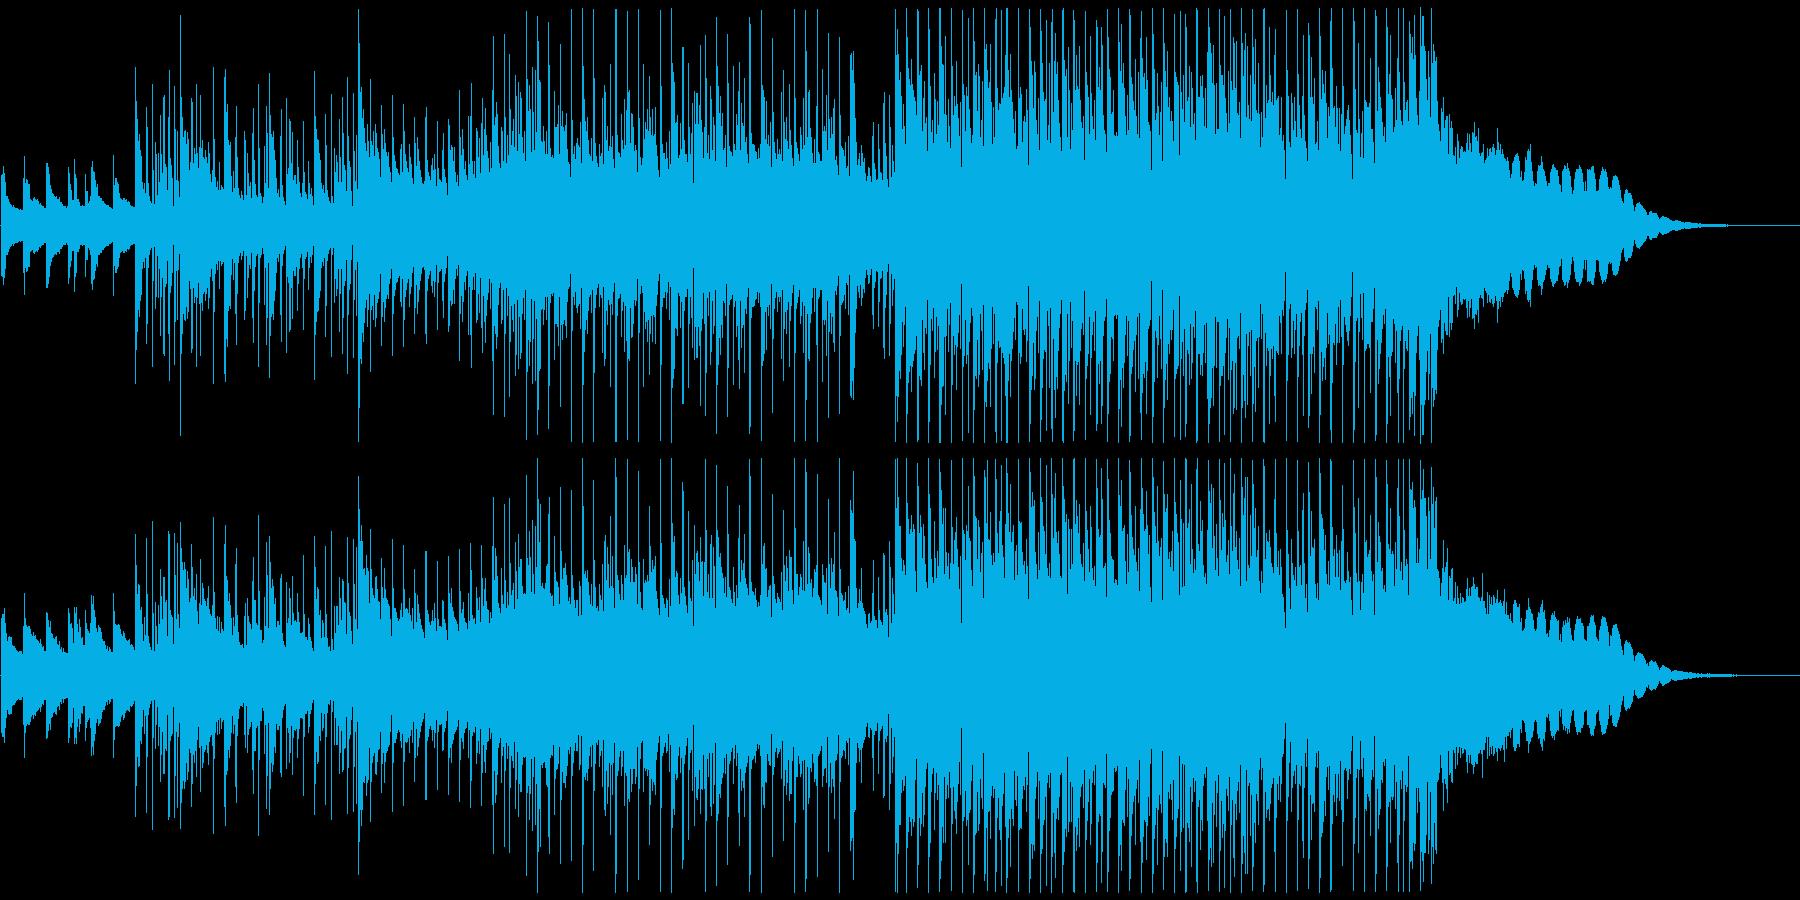 【わんぱくキッズ】チャイムでポップスの再生済みの波形